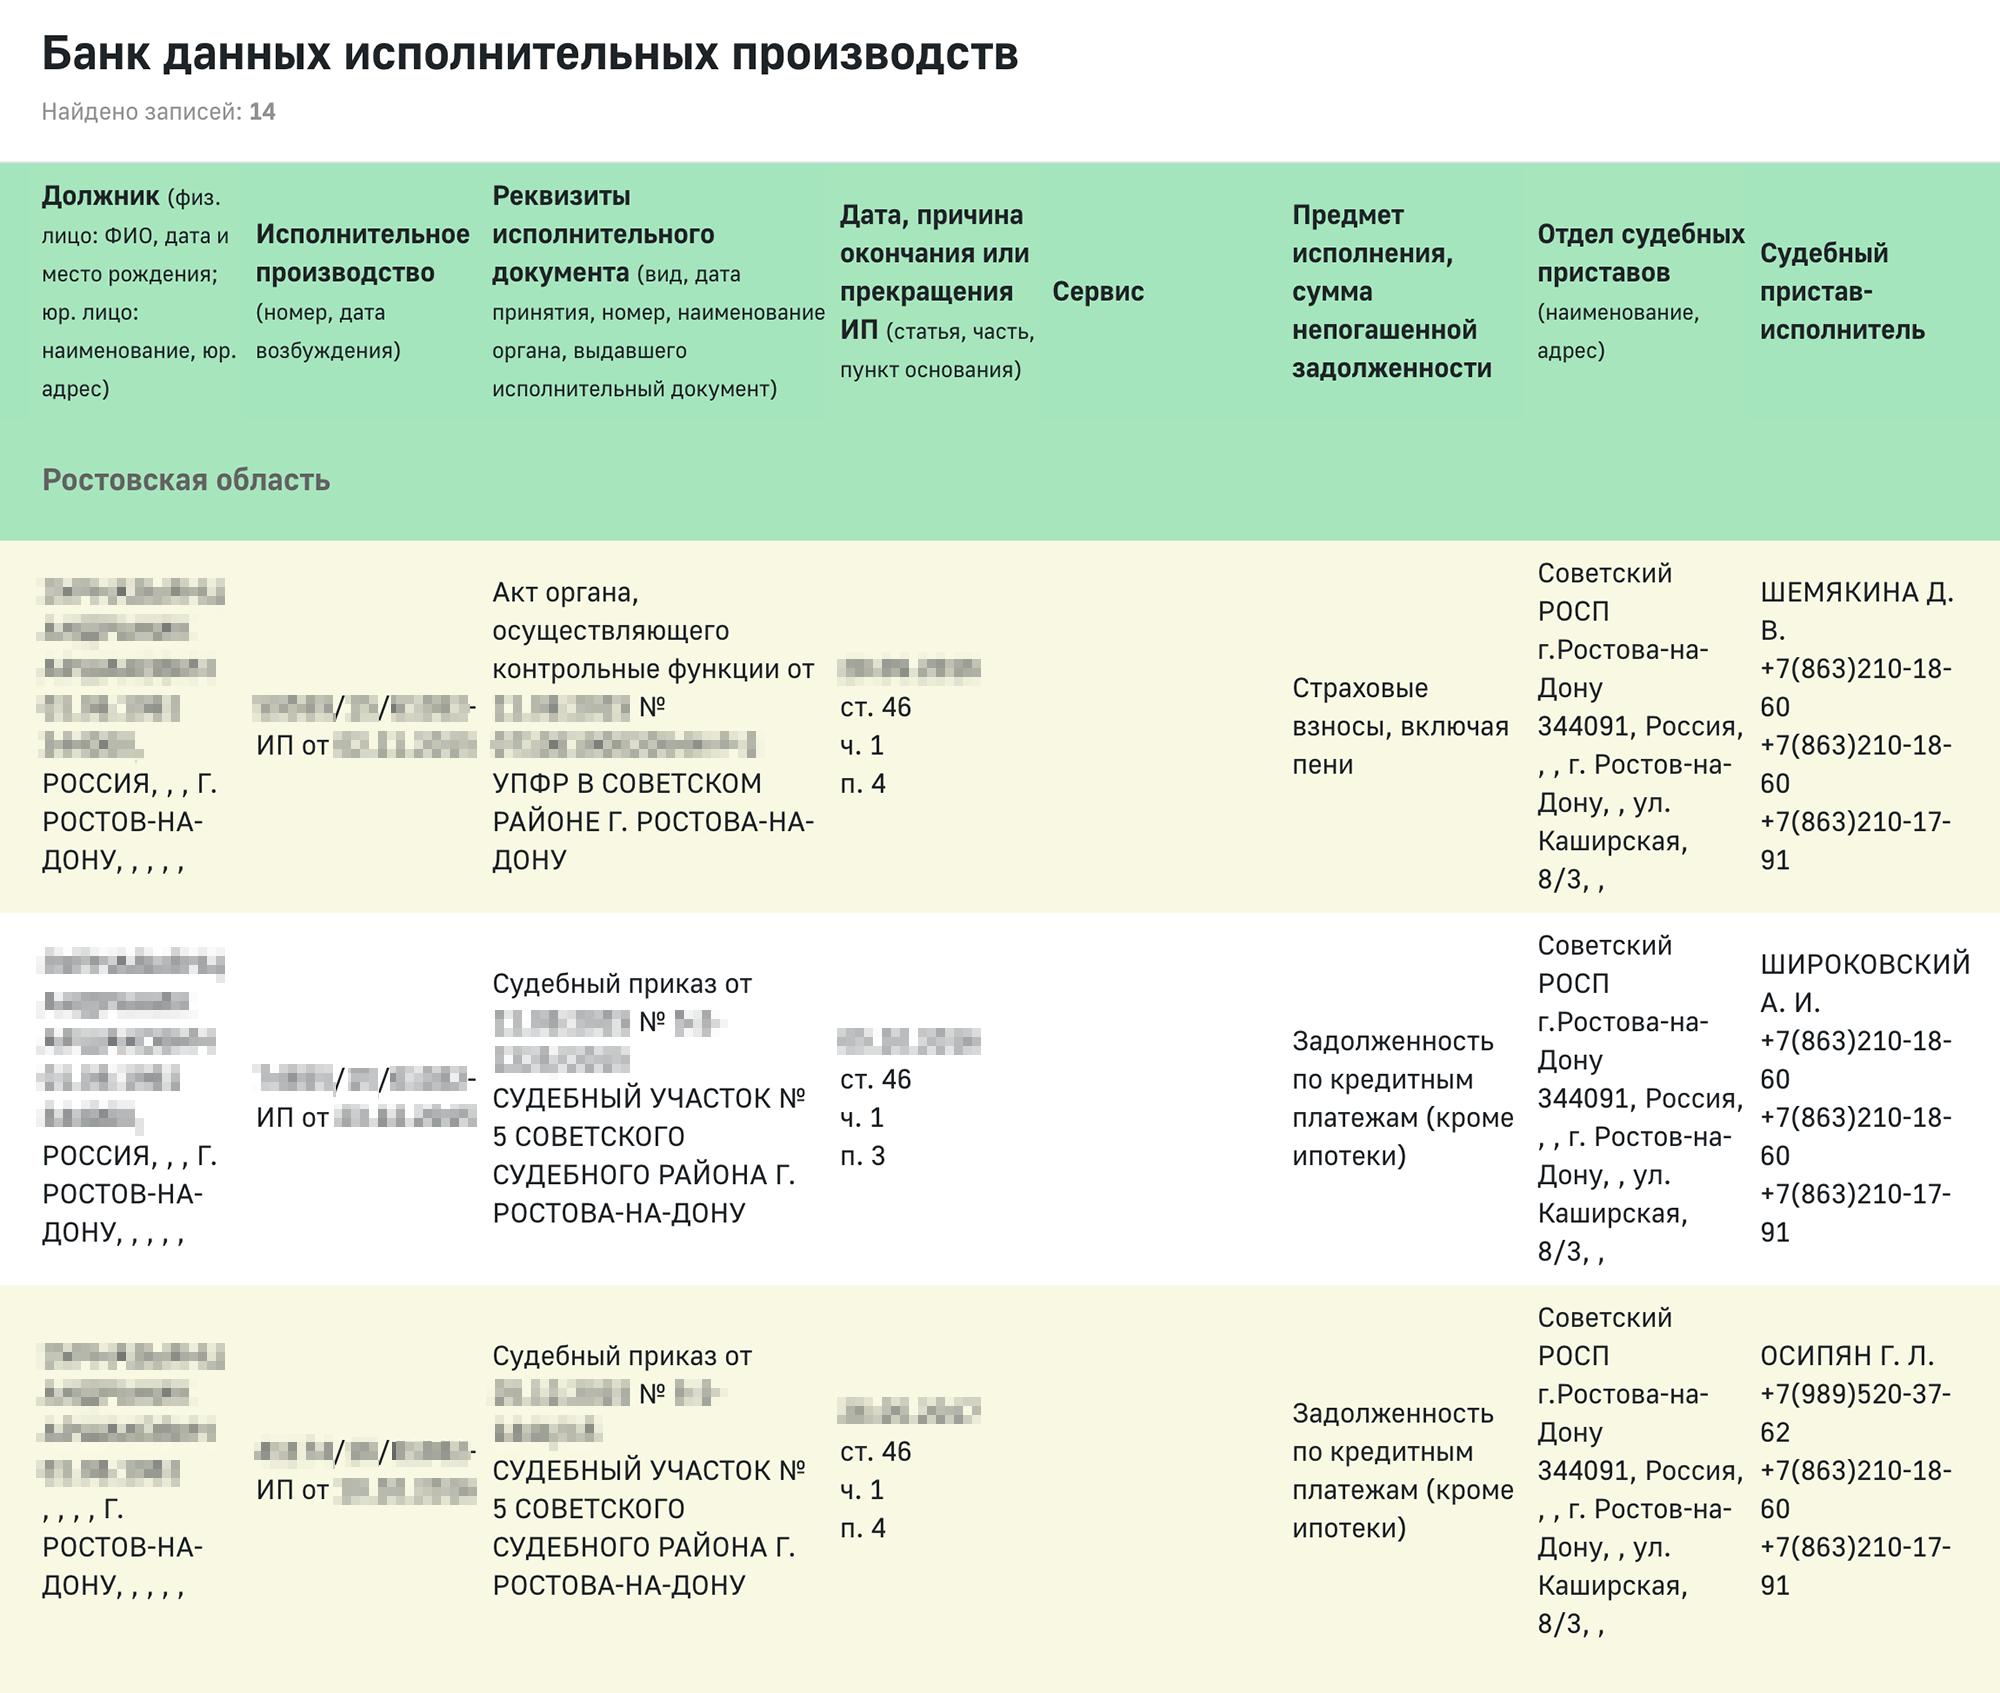 На сайте ФССП России есть информация о должниках. Это герой одной из изумительных историйТ—Ж